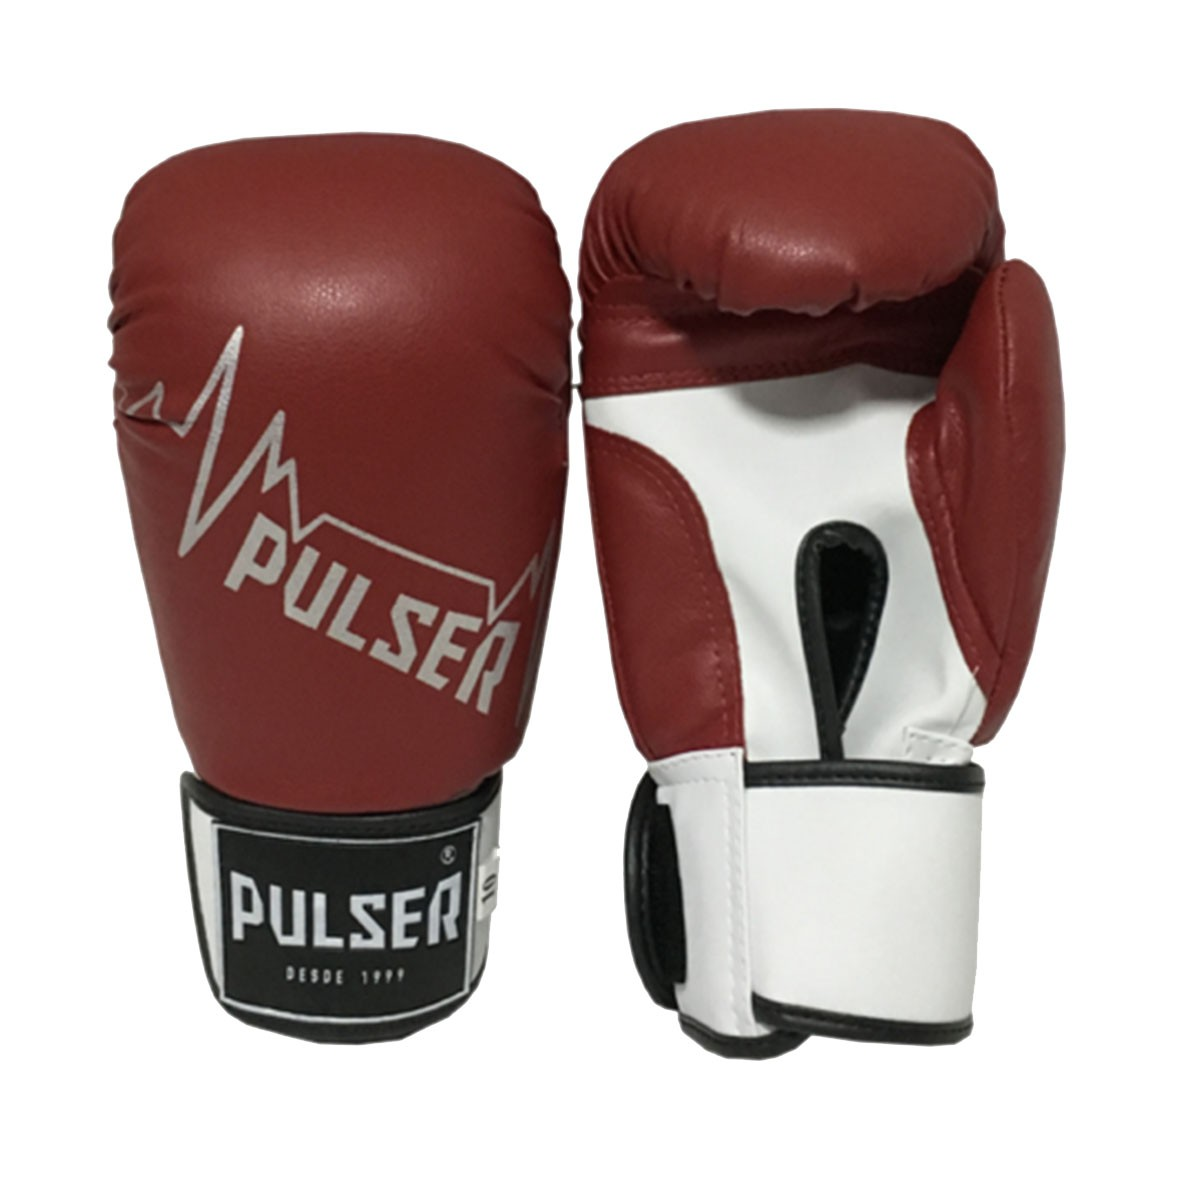 Kit de Muay Thai / Kickboxing 14oz - Vermelho Pulsar - Pulser  - PRALUTA SHOP